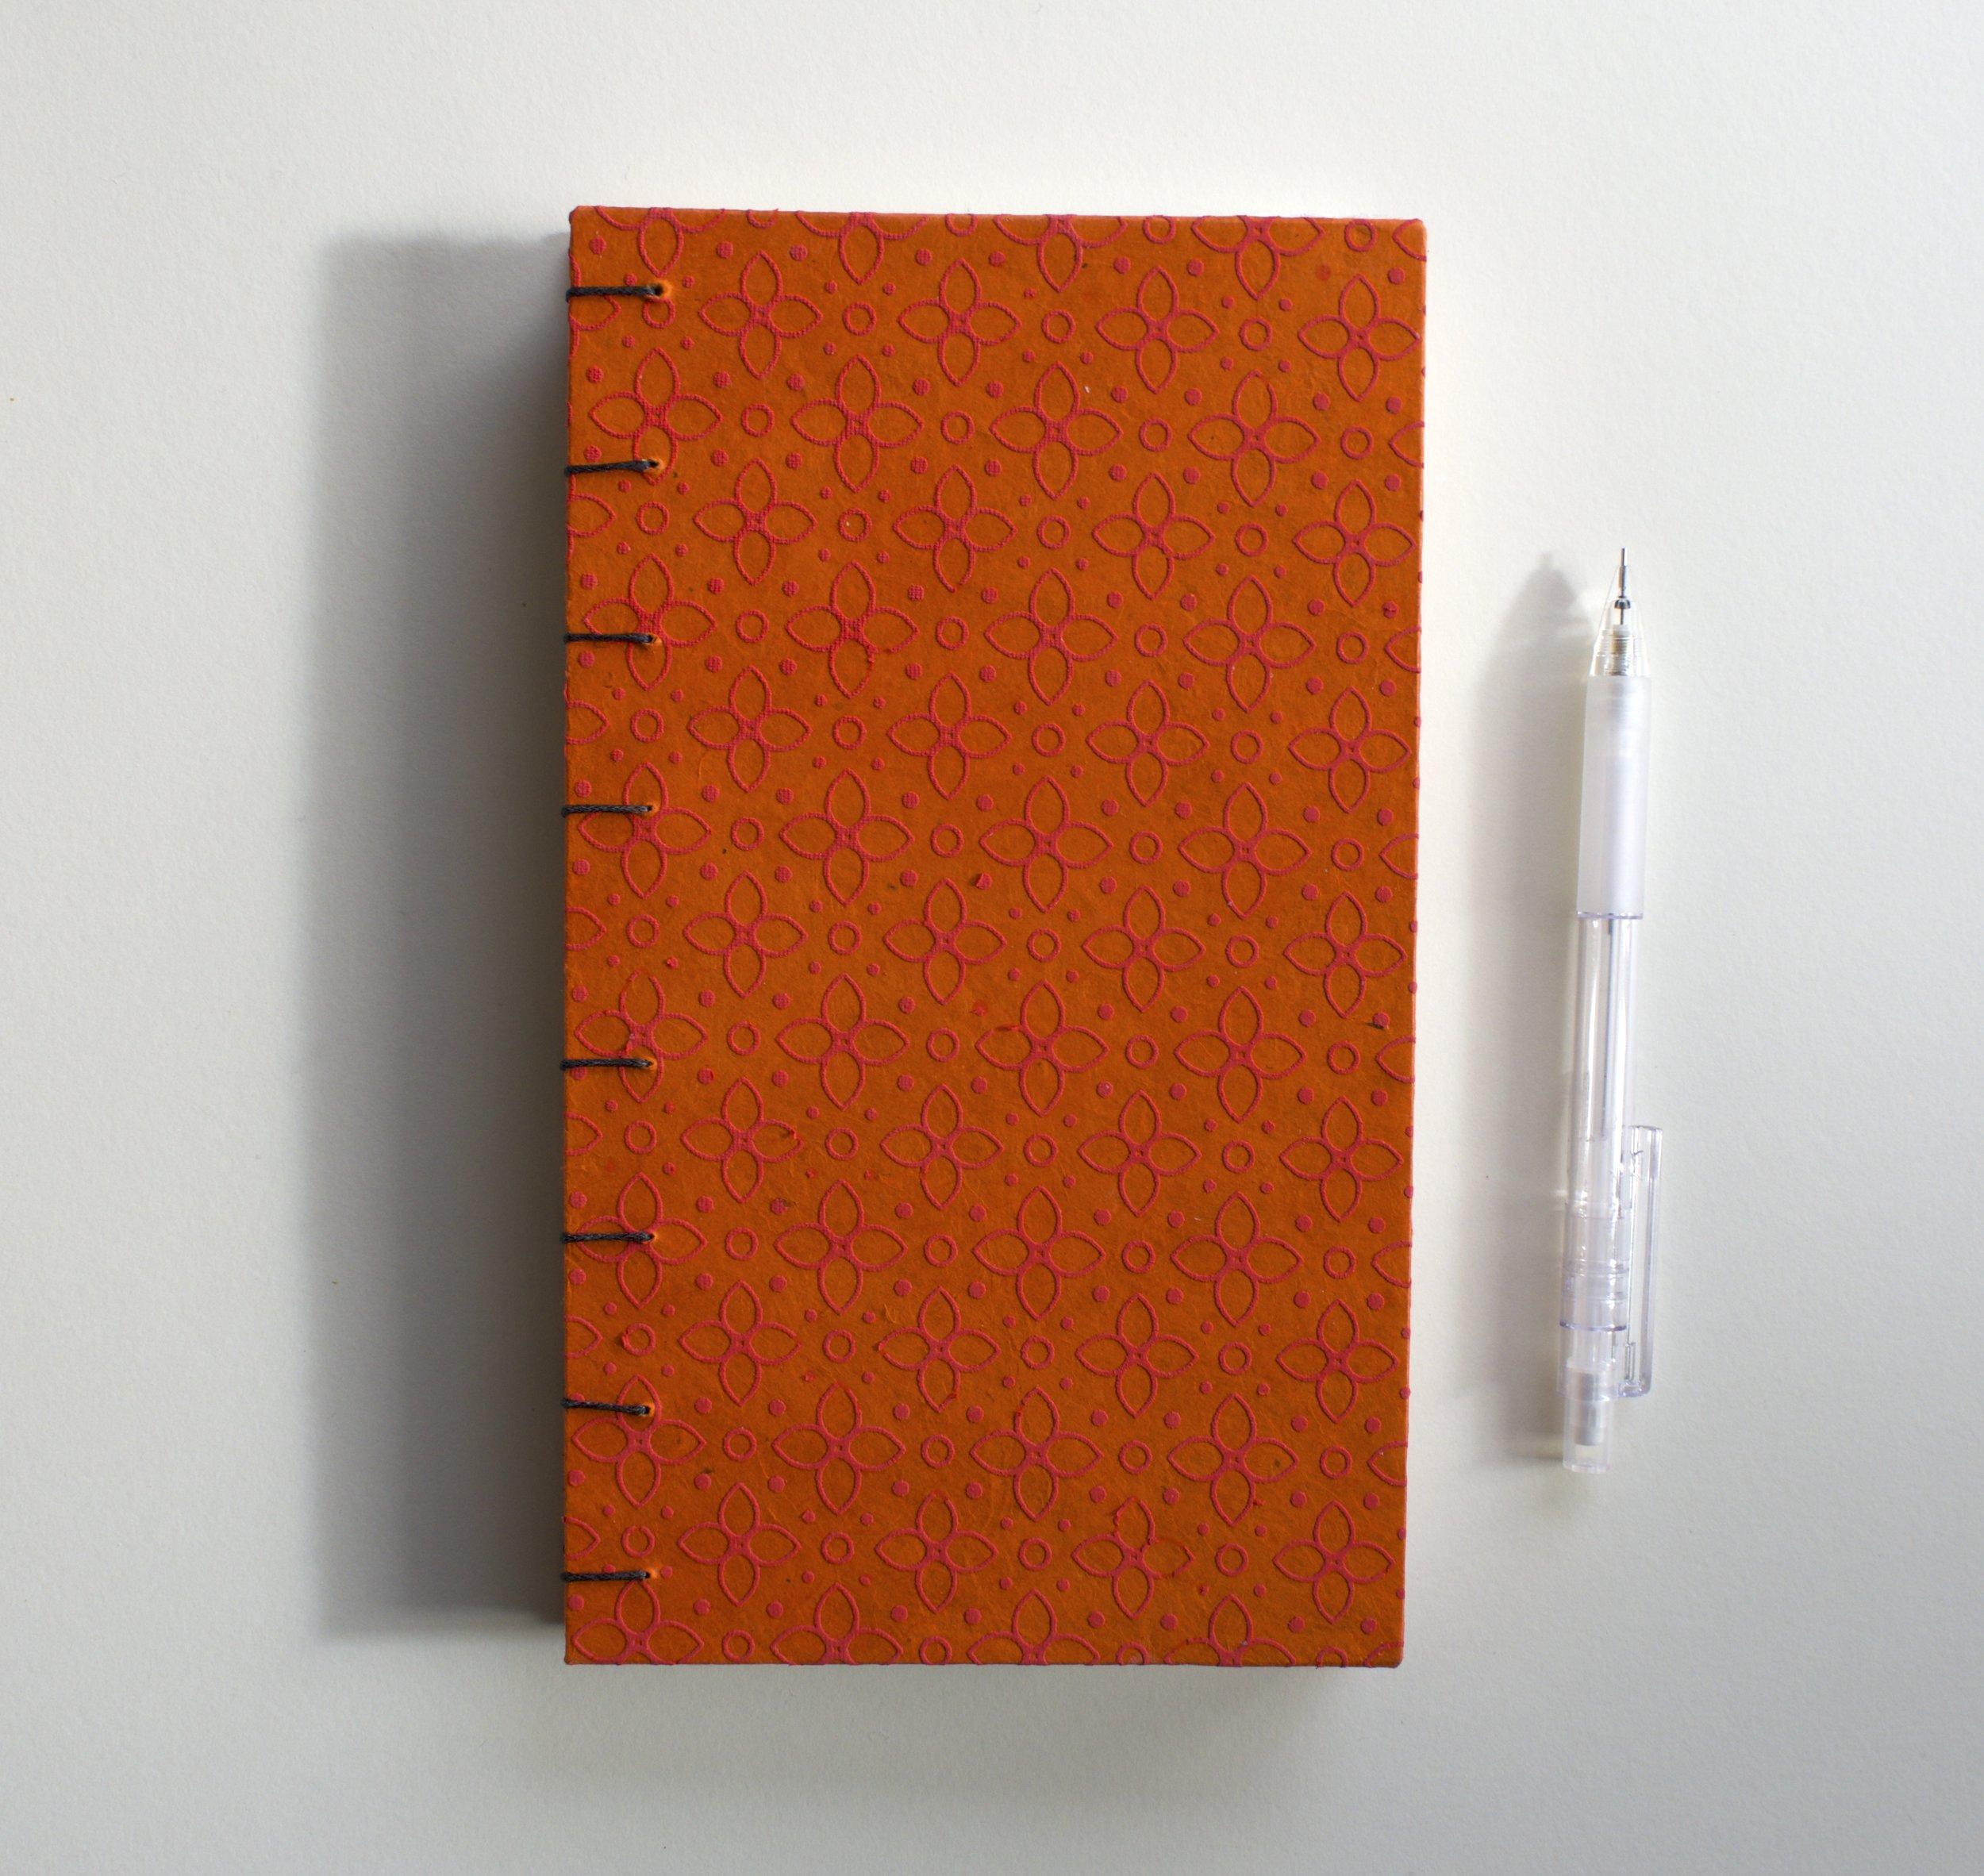 Orange Patterend Book